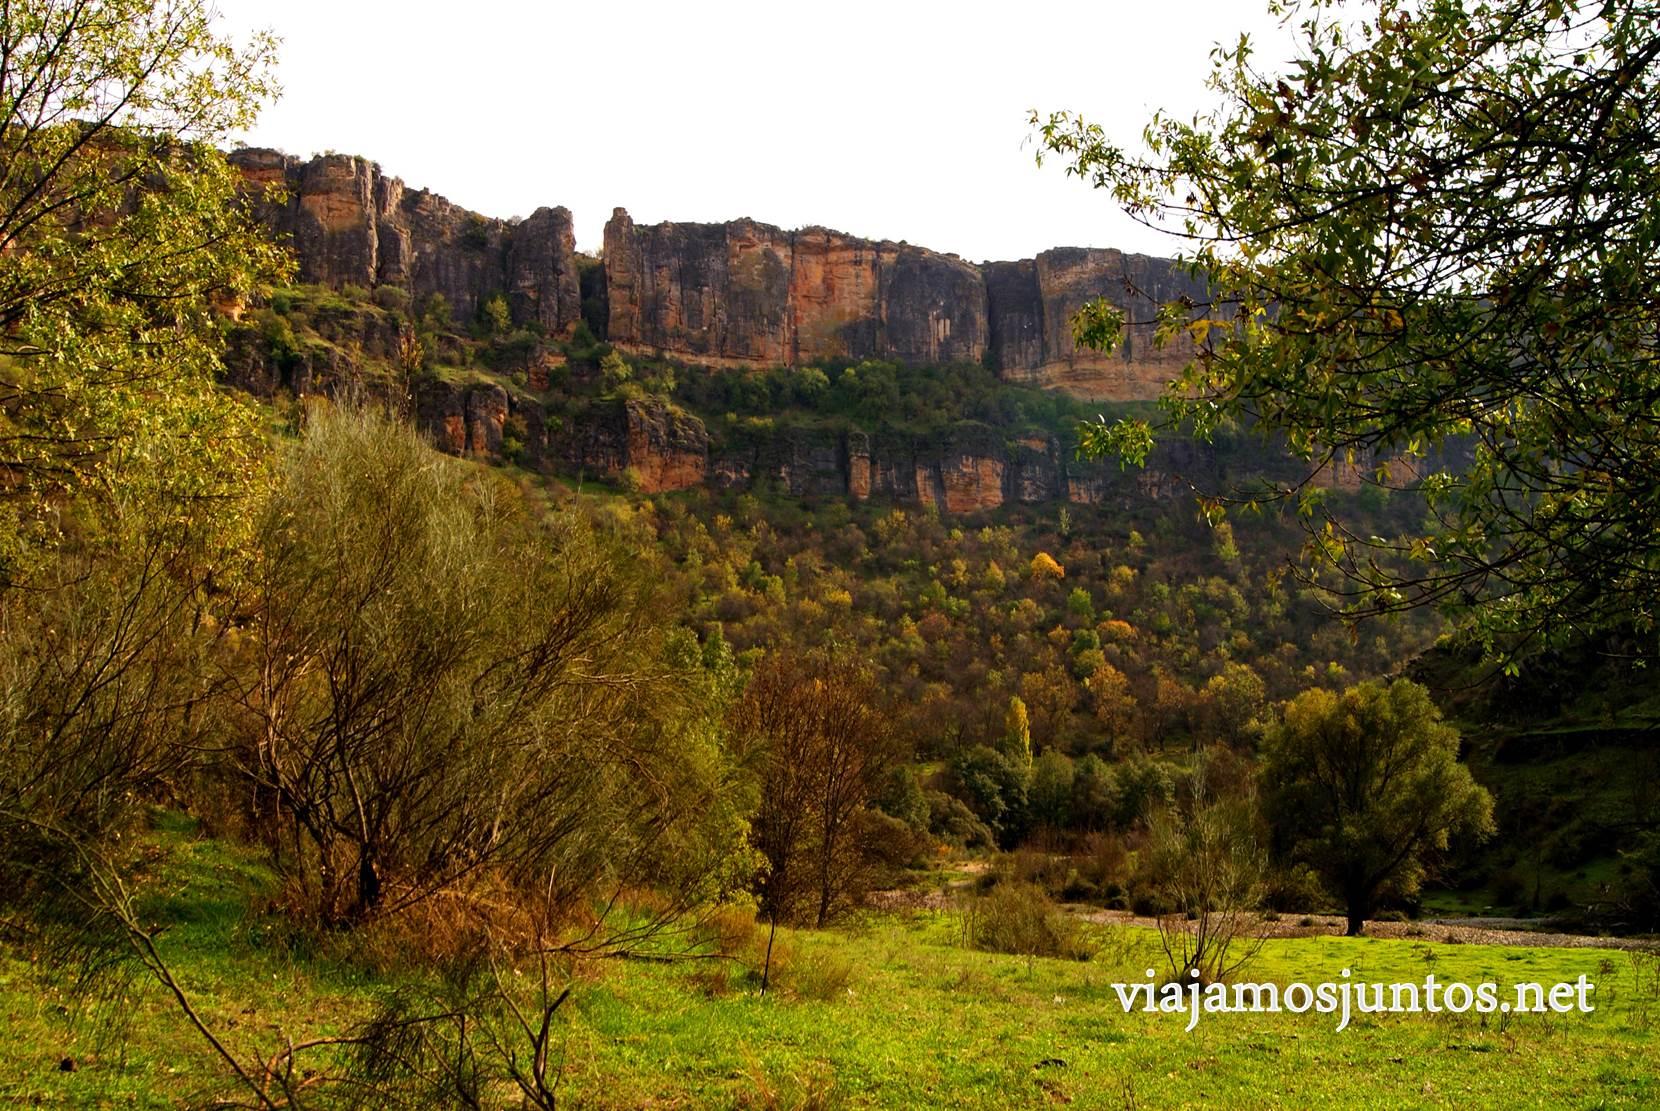 Ruta a las Cárcavas, Patones, Madrid; senderismo por sitios singulares de la Comunidad de Madrid; el paredón El Pontón de la Oliva